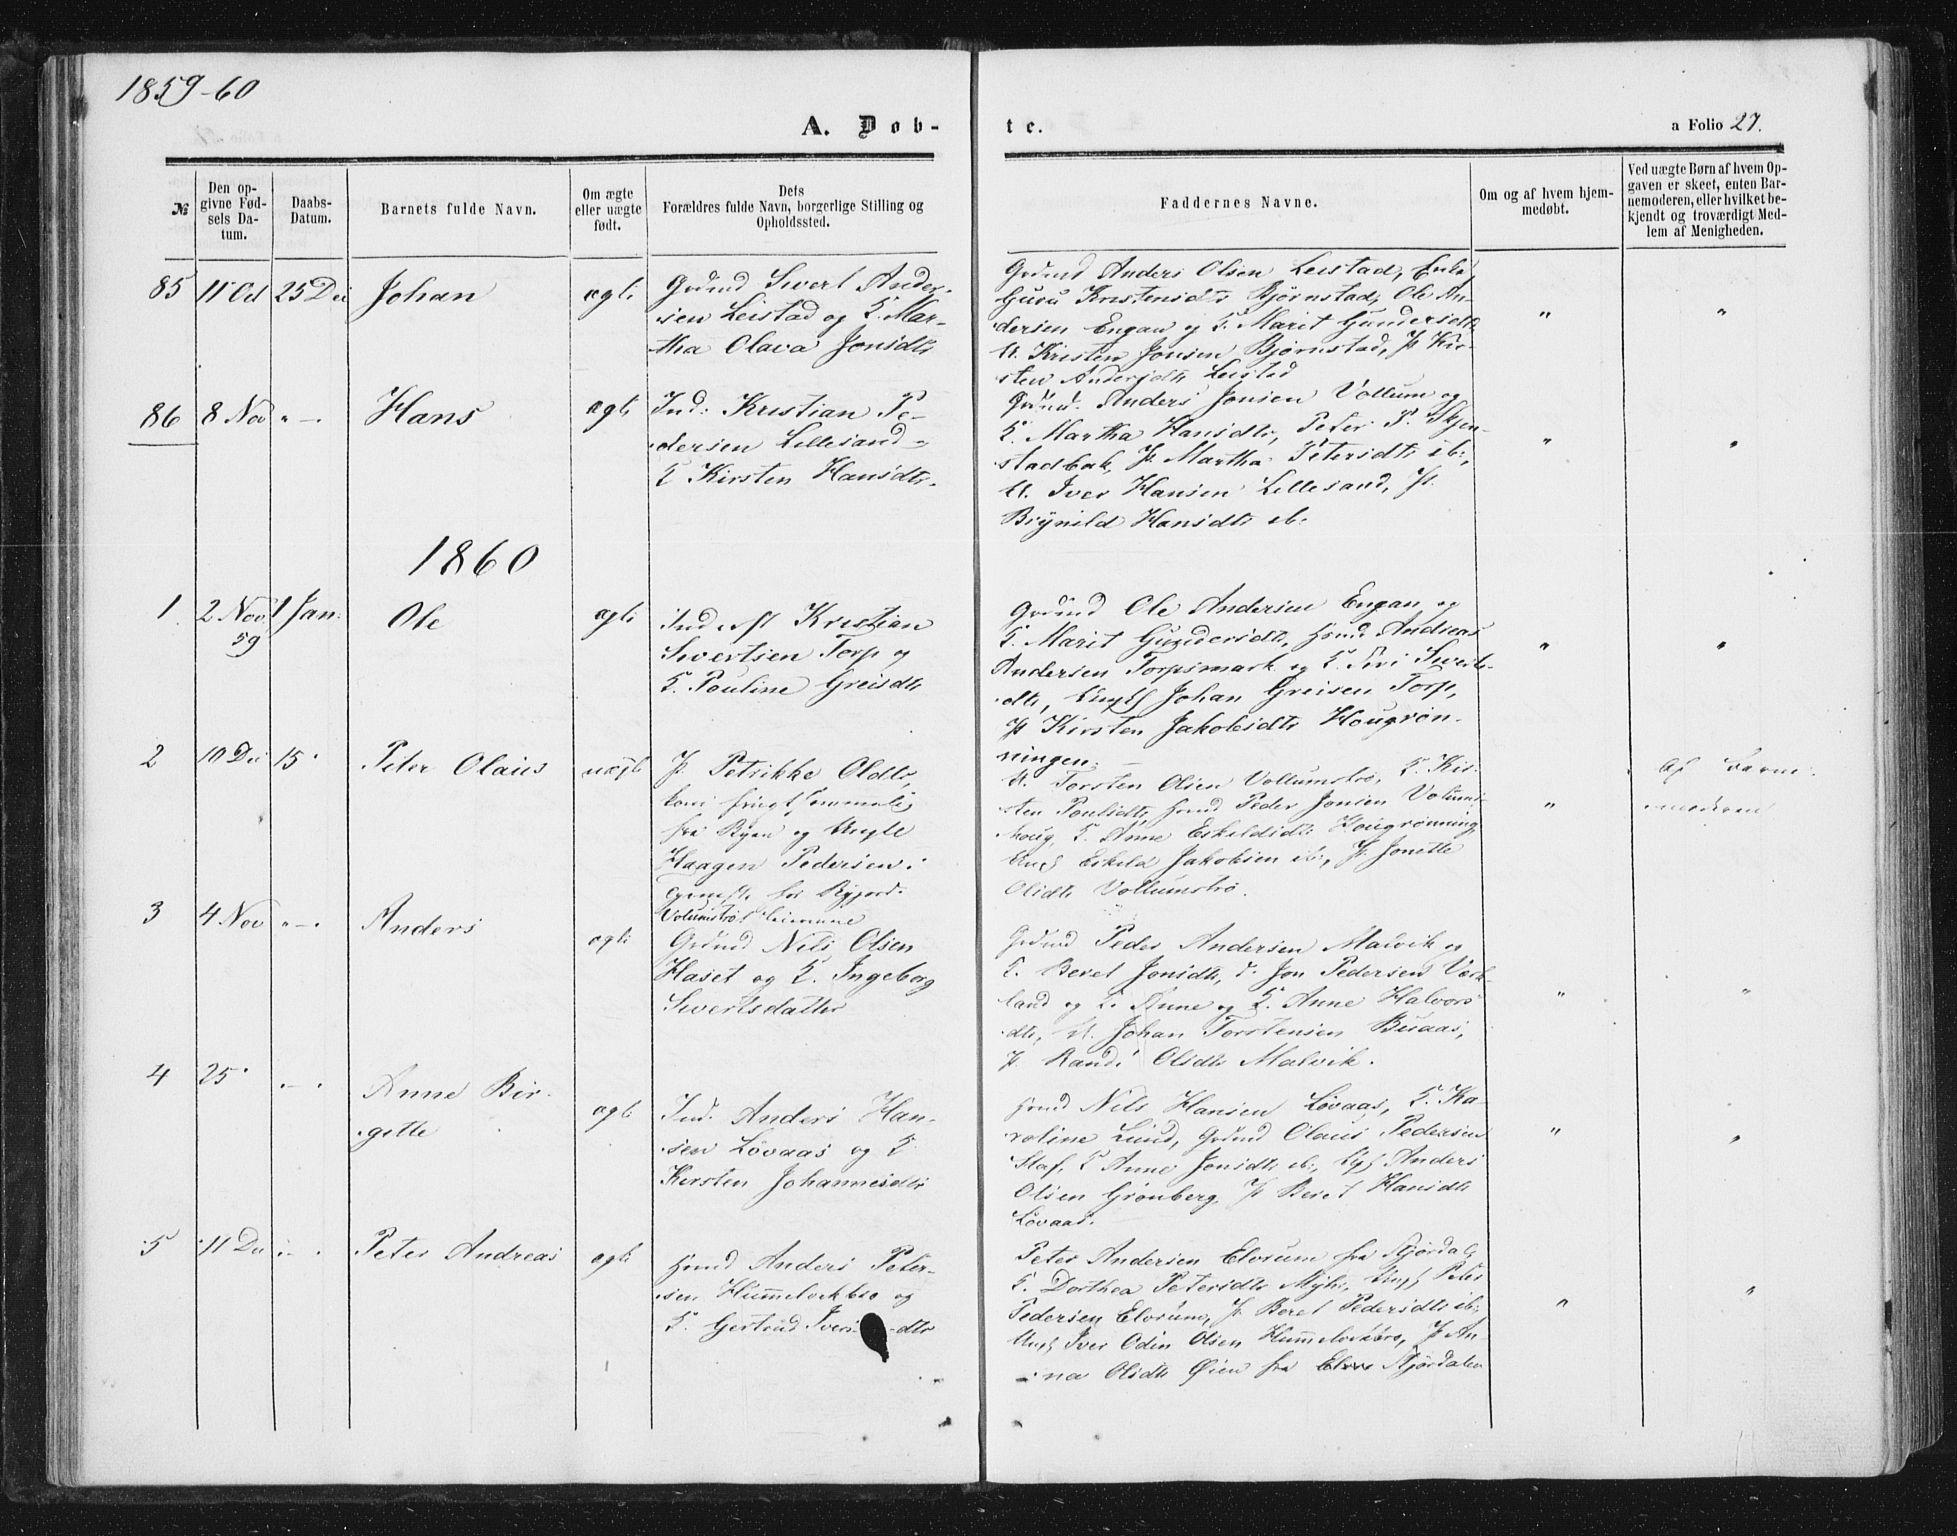 SAT, Ministerialprotokoller, klokkerbøker og fødselsregistre - Sør-Trøndelag, 616/L0408: Ministerialbok nr. 616A05, 1857-1865, s. 27